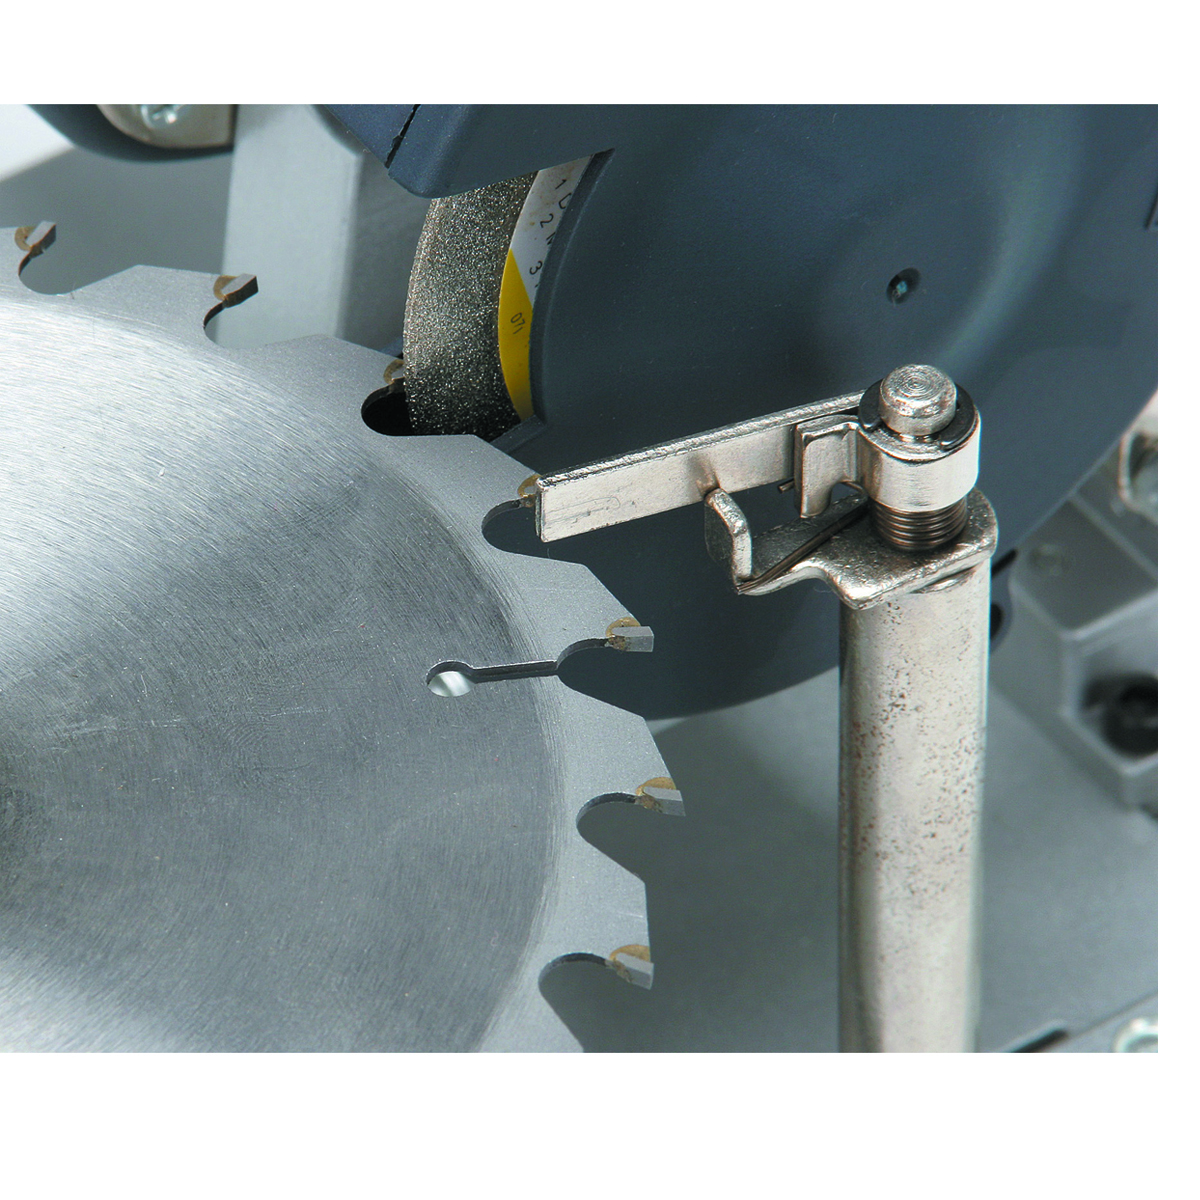 Electric Power Blade : Circular saw blade sharpener